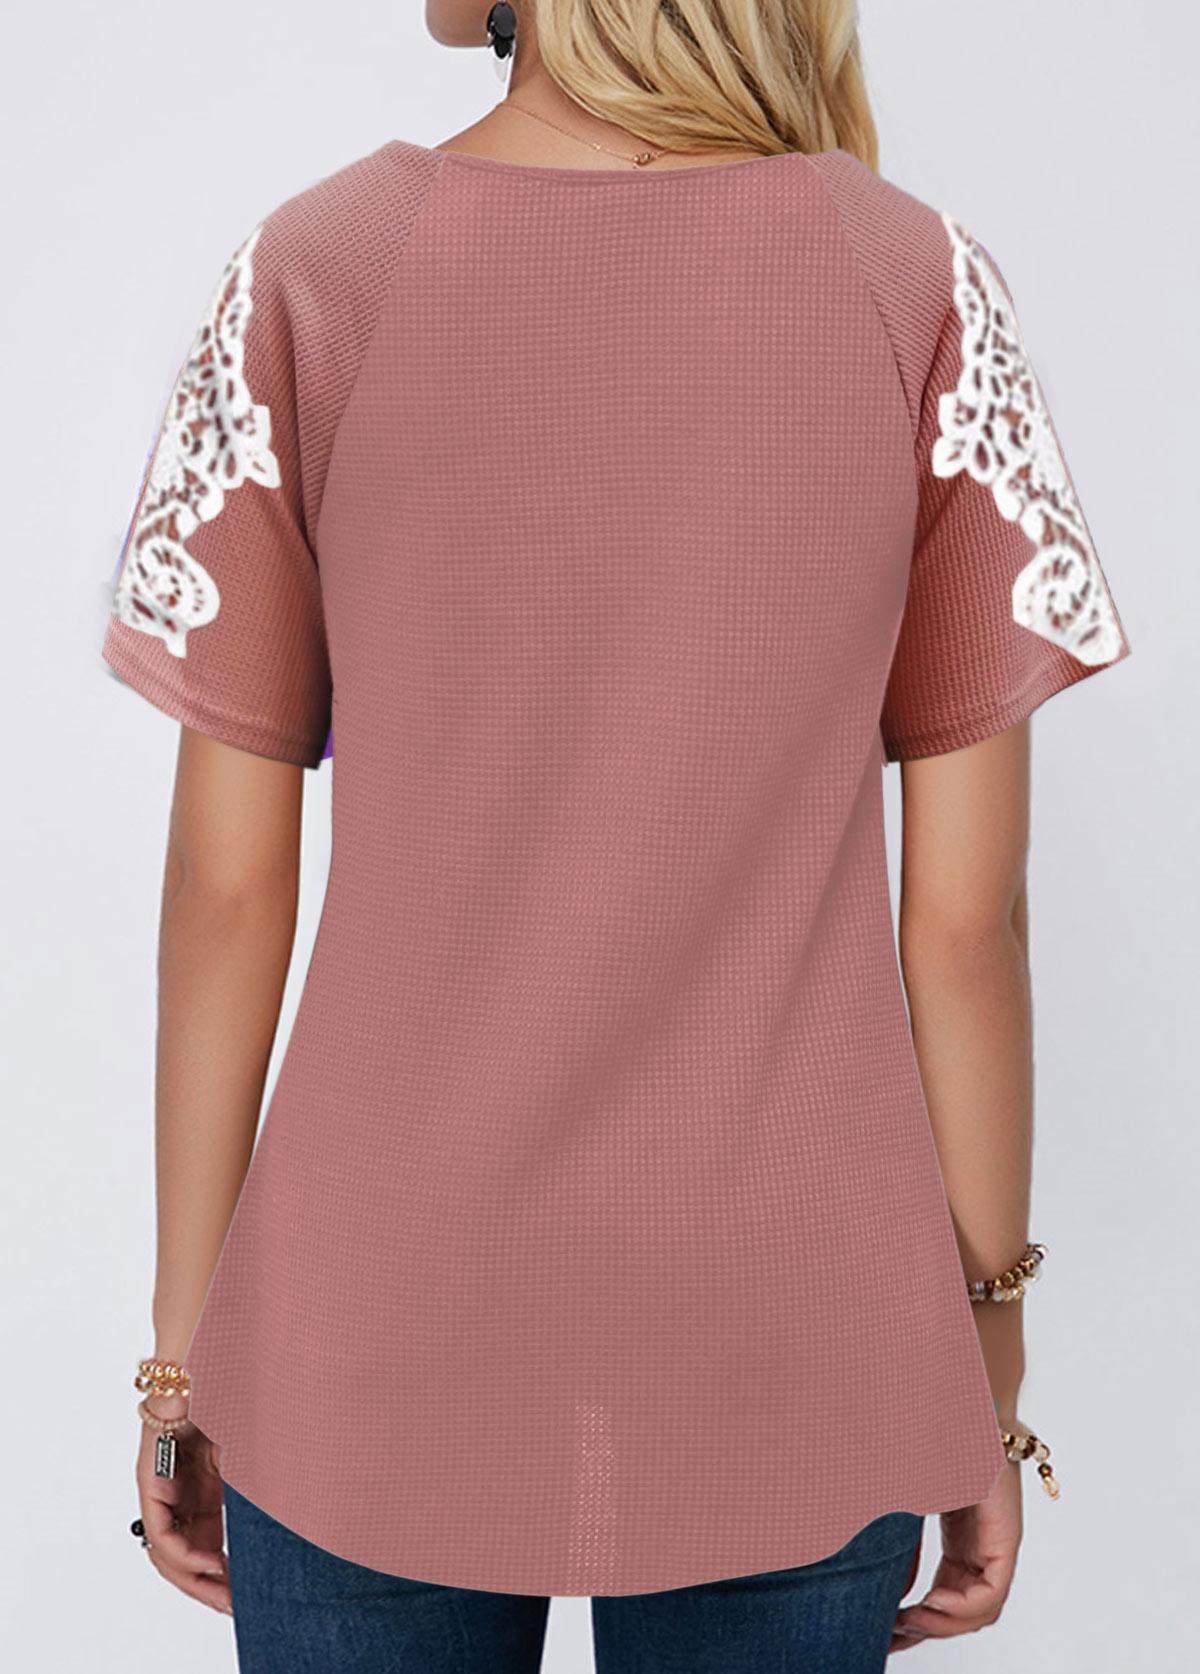 Lace Stitching Short Sleeve V Neck T Shirt